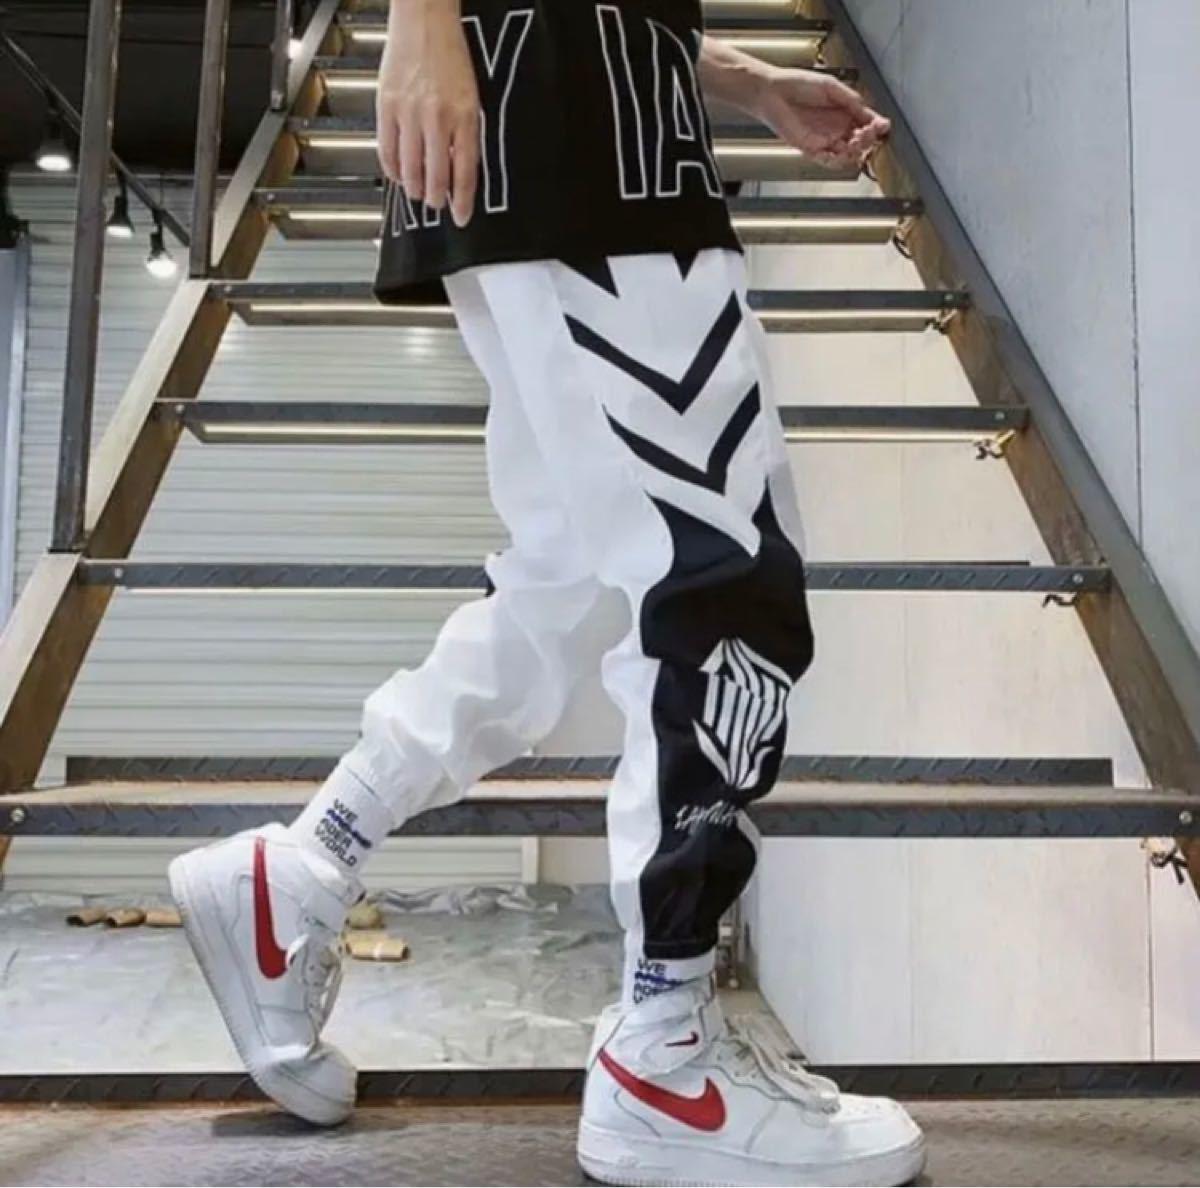 ジョガーパンツ 韓国 メンズ ラインパンツ ストリート ジャージ 白 XL